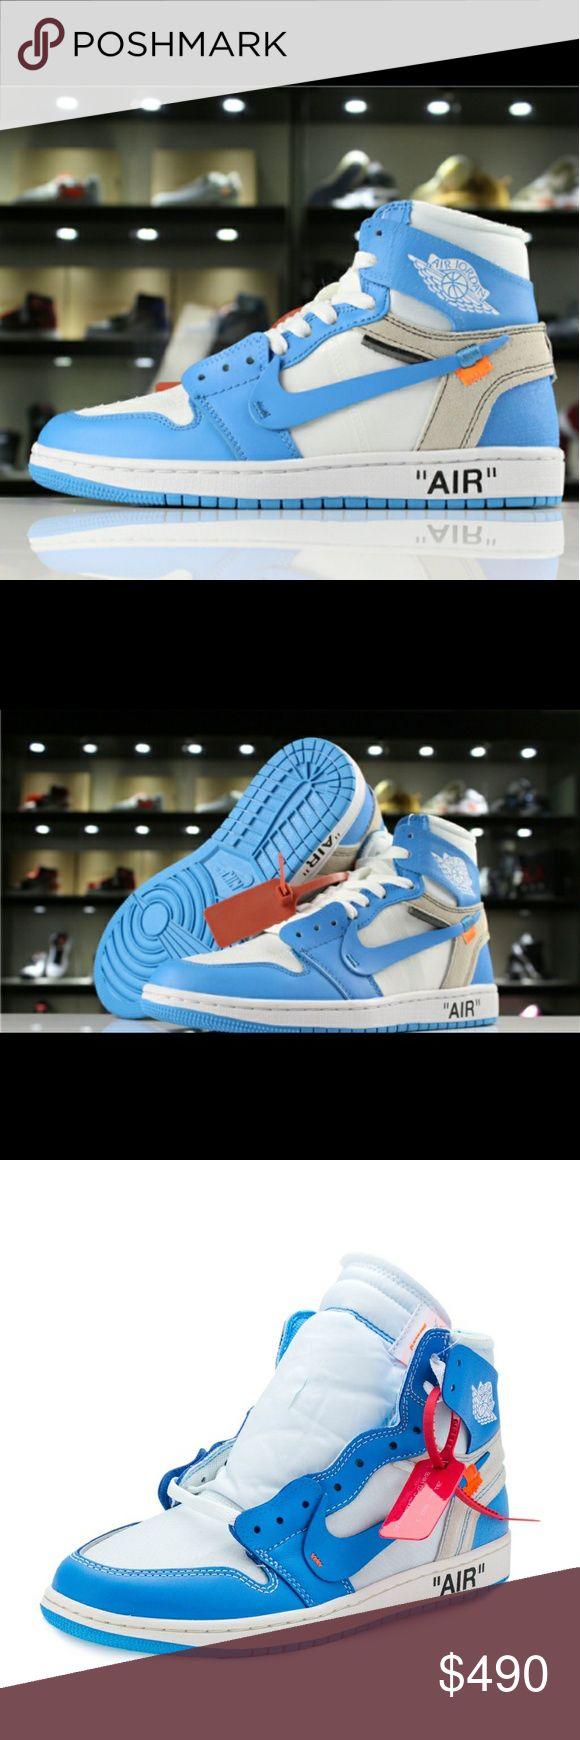 Air Jordan 1 x Off – White NRG (Herren) Für seine dritte Ausgabe des Denkmals …   – My Posh Closet